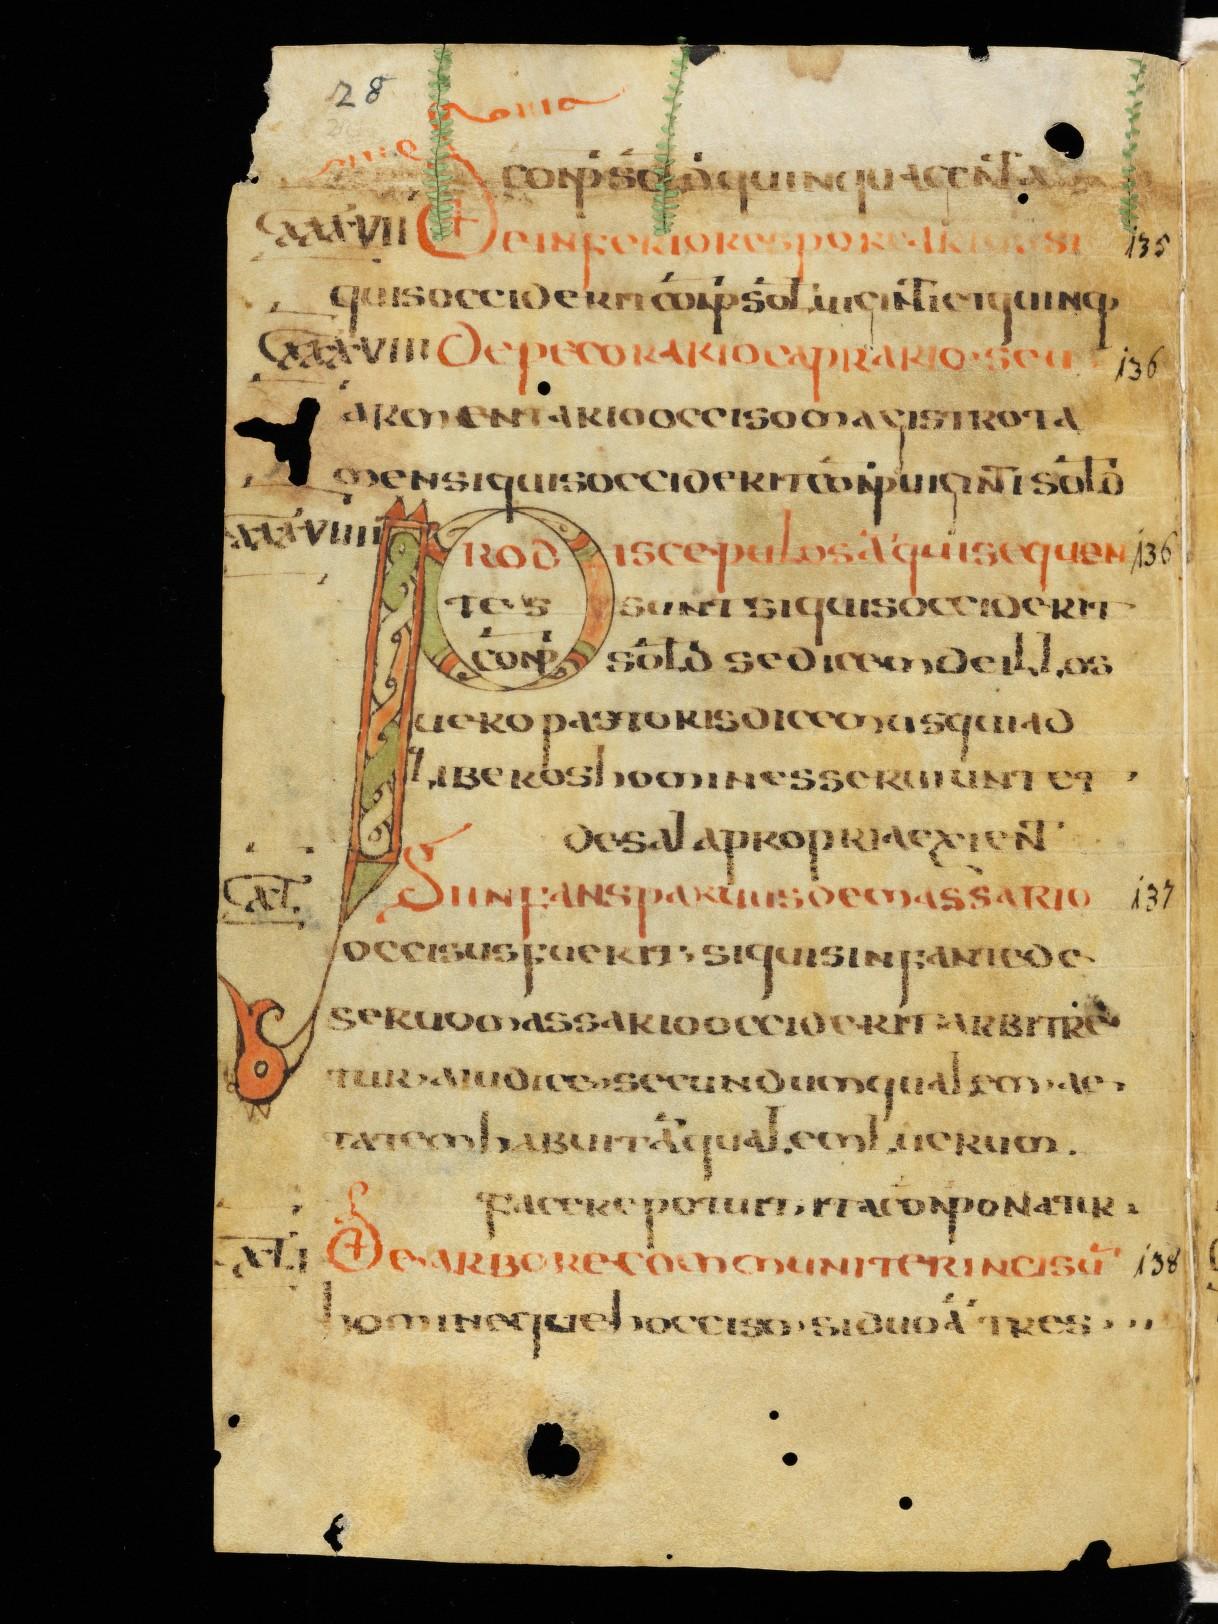 Cod. Sang. 730, p. 28